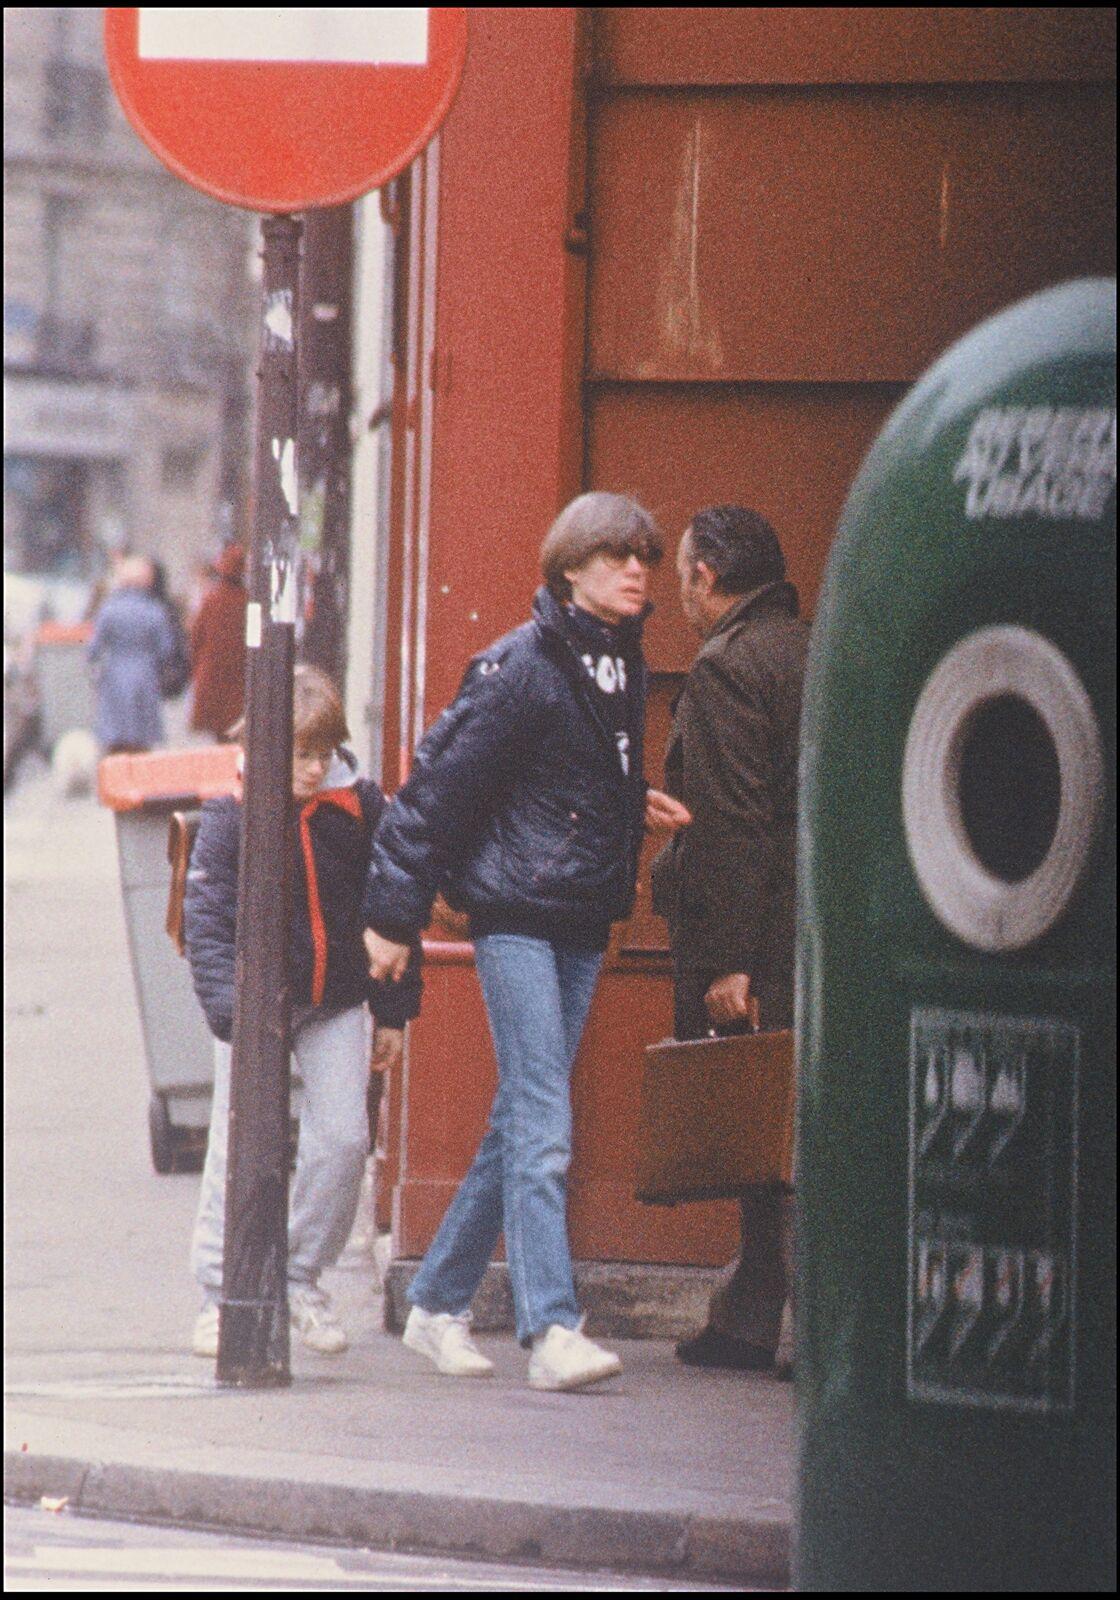 Le jean droit basket blanches de Françoise Hardy en 1984